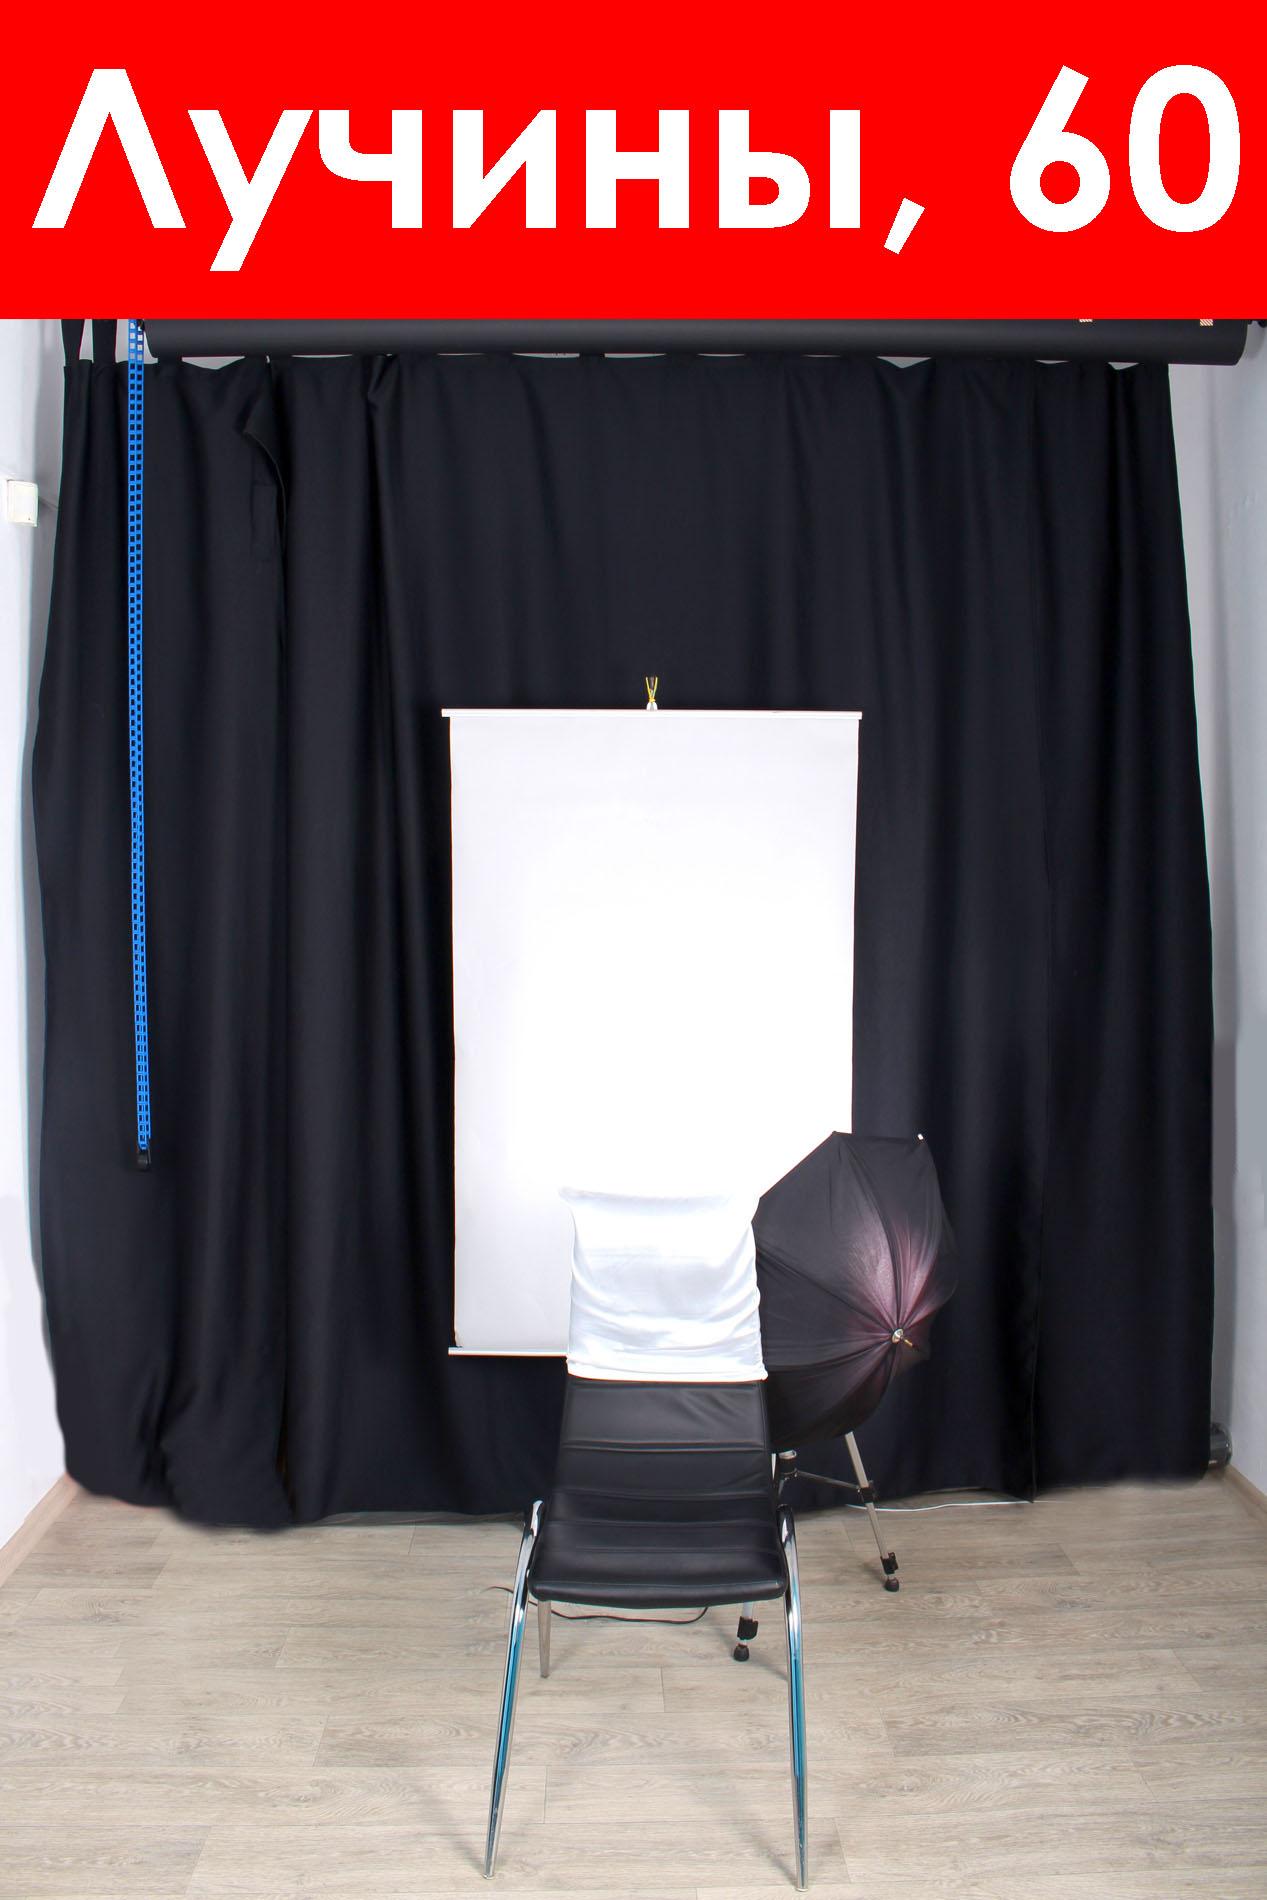 """Срочное фото на документы всего за 3 руб. в фотостудии """"НА ВСЕ 100"""""""